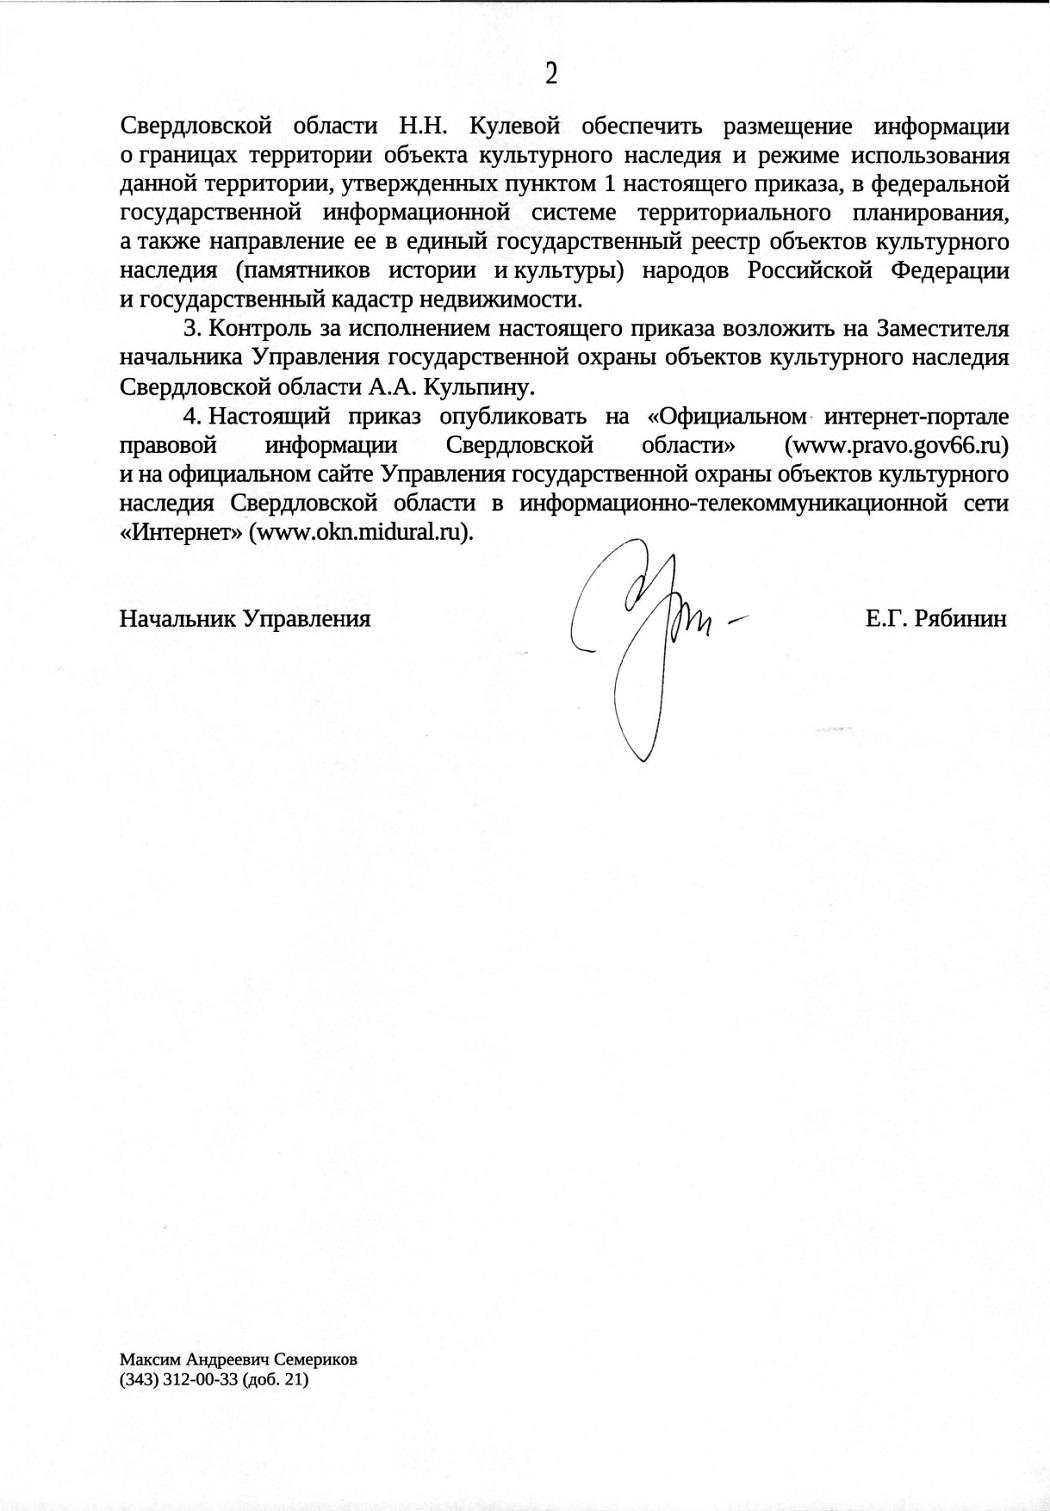 В Екатеринбурге библиотеку Белинского взяли под охрану